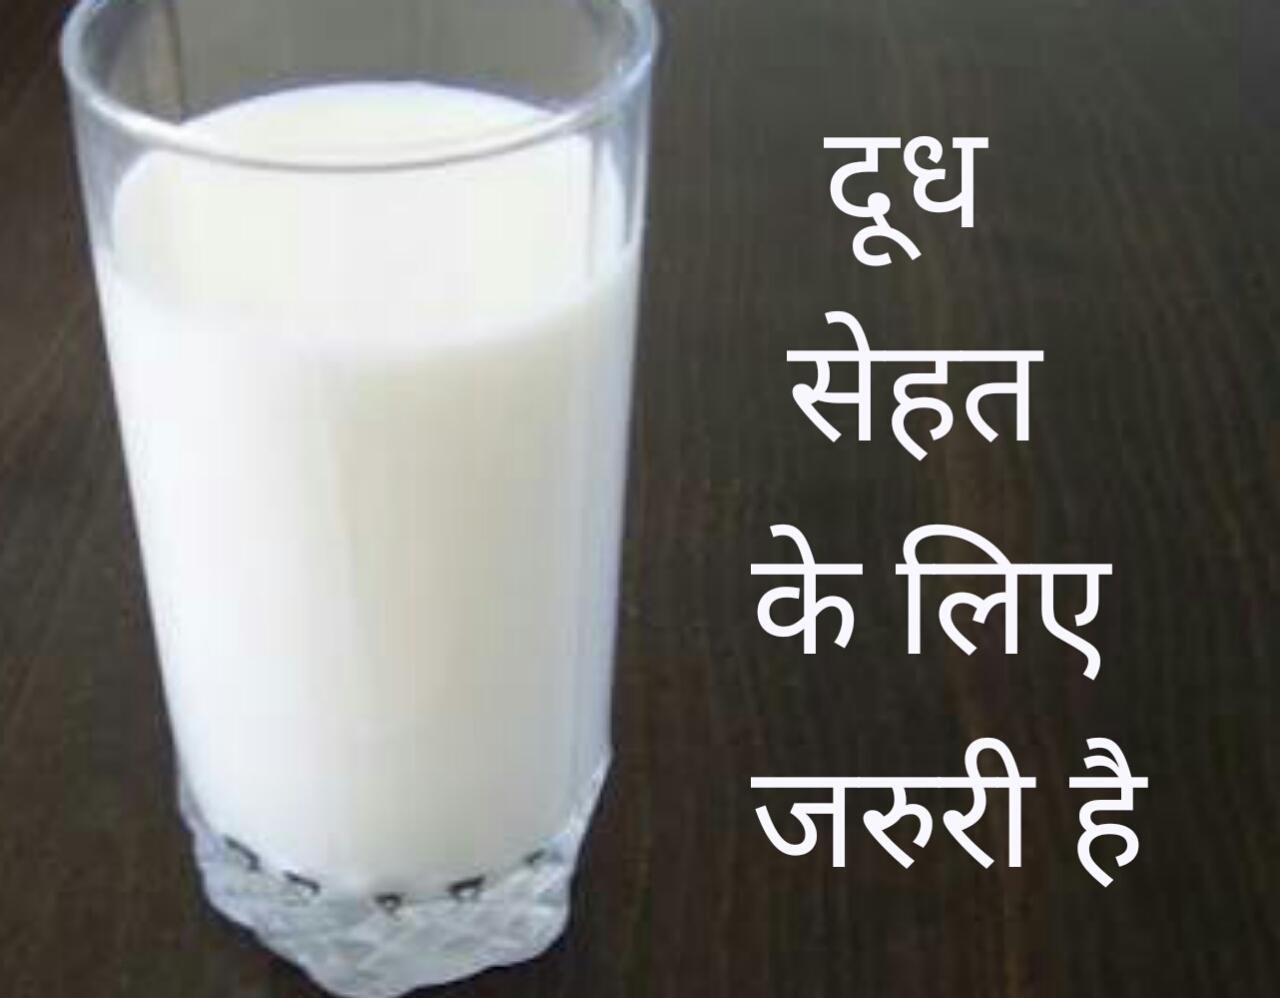 दूध क्यों जरूरी है